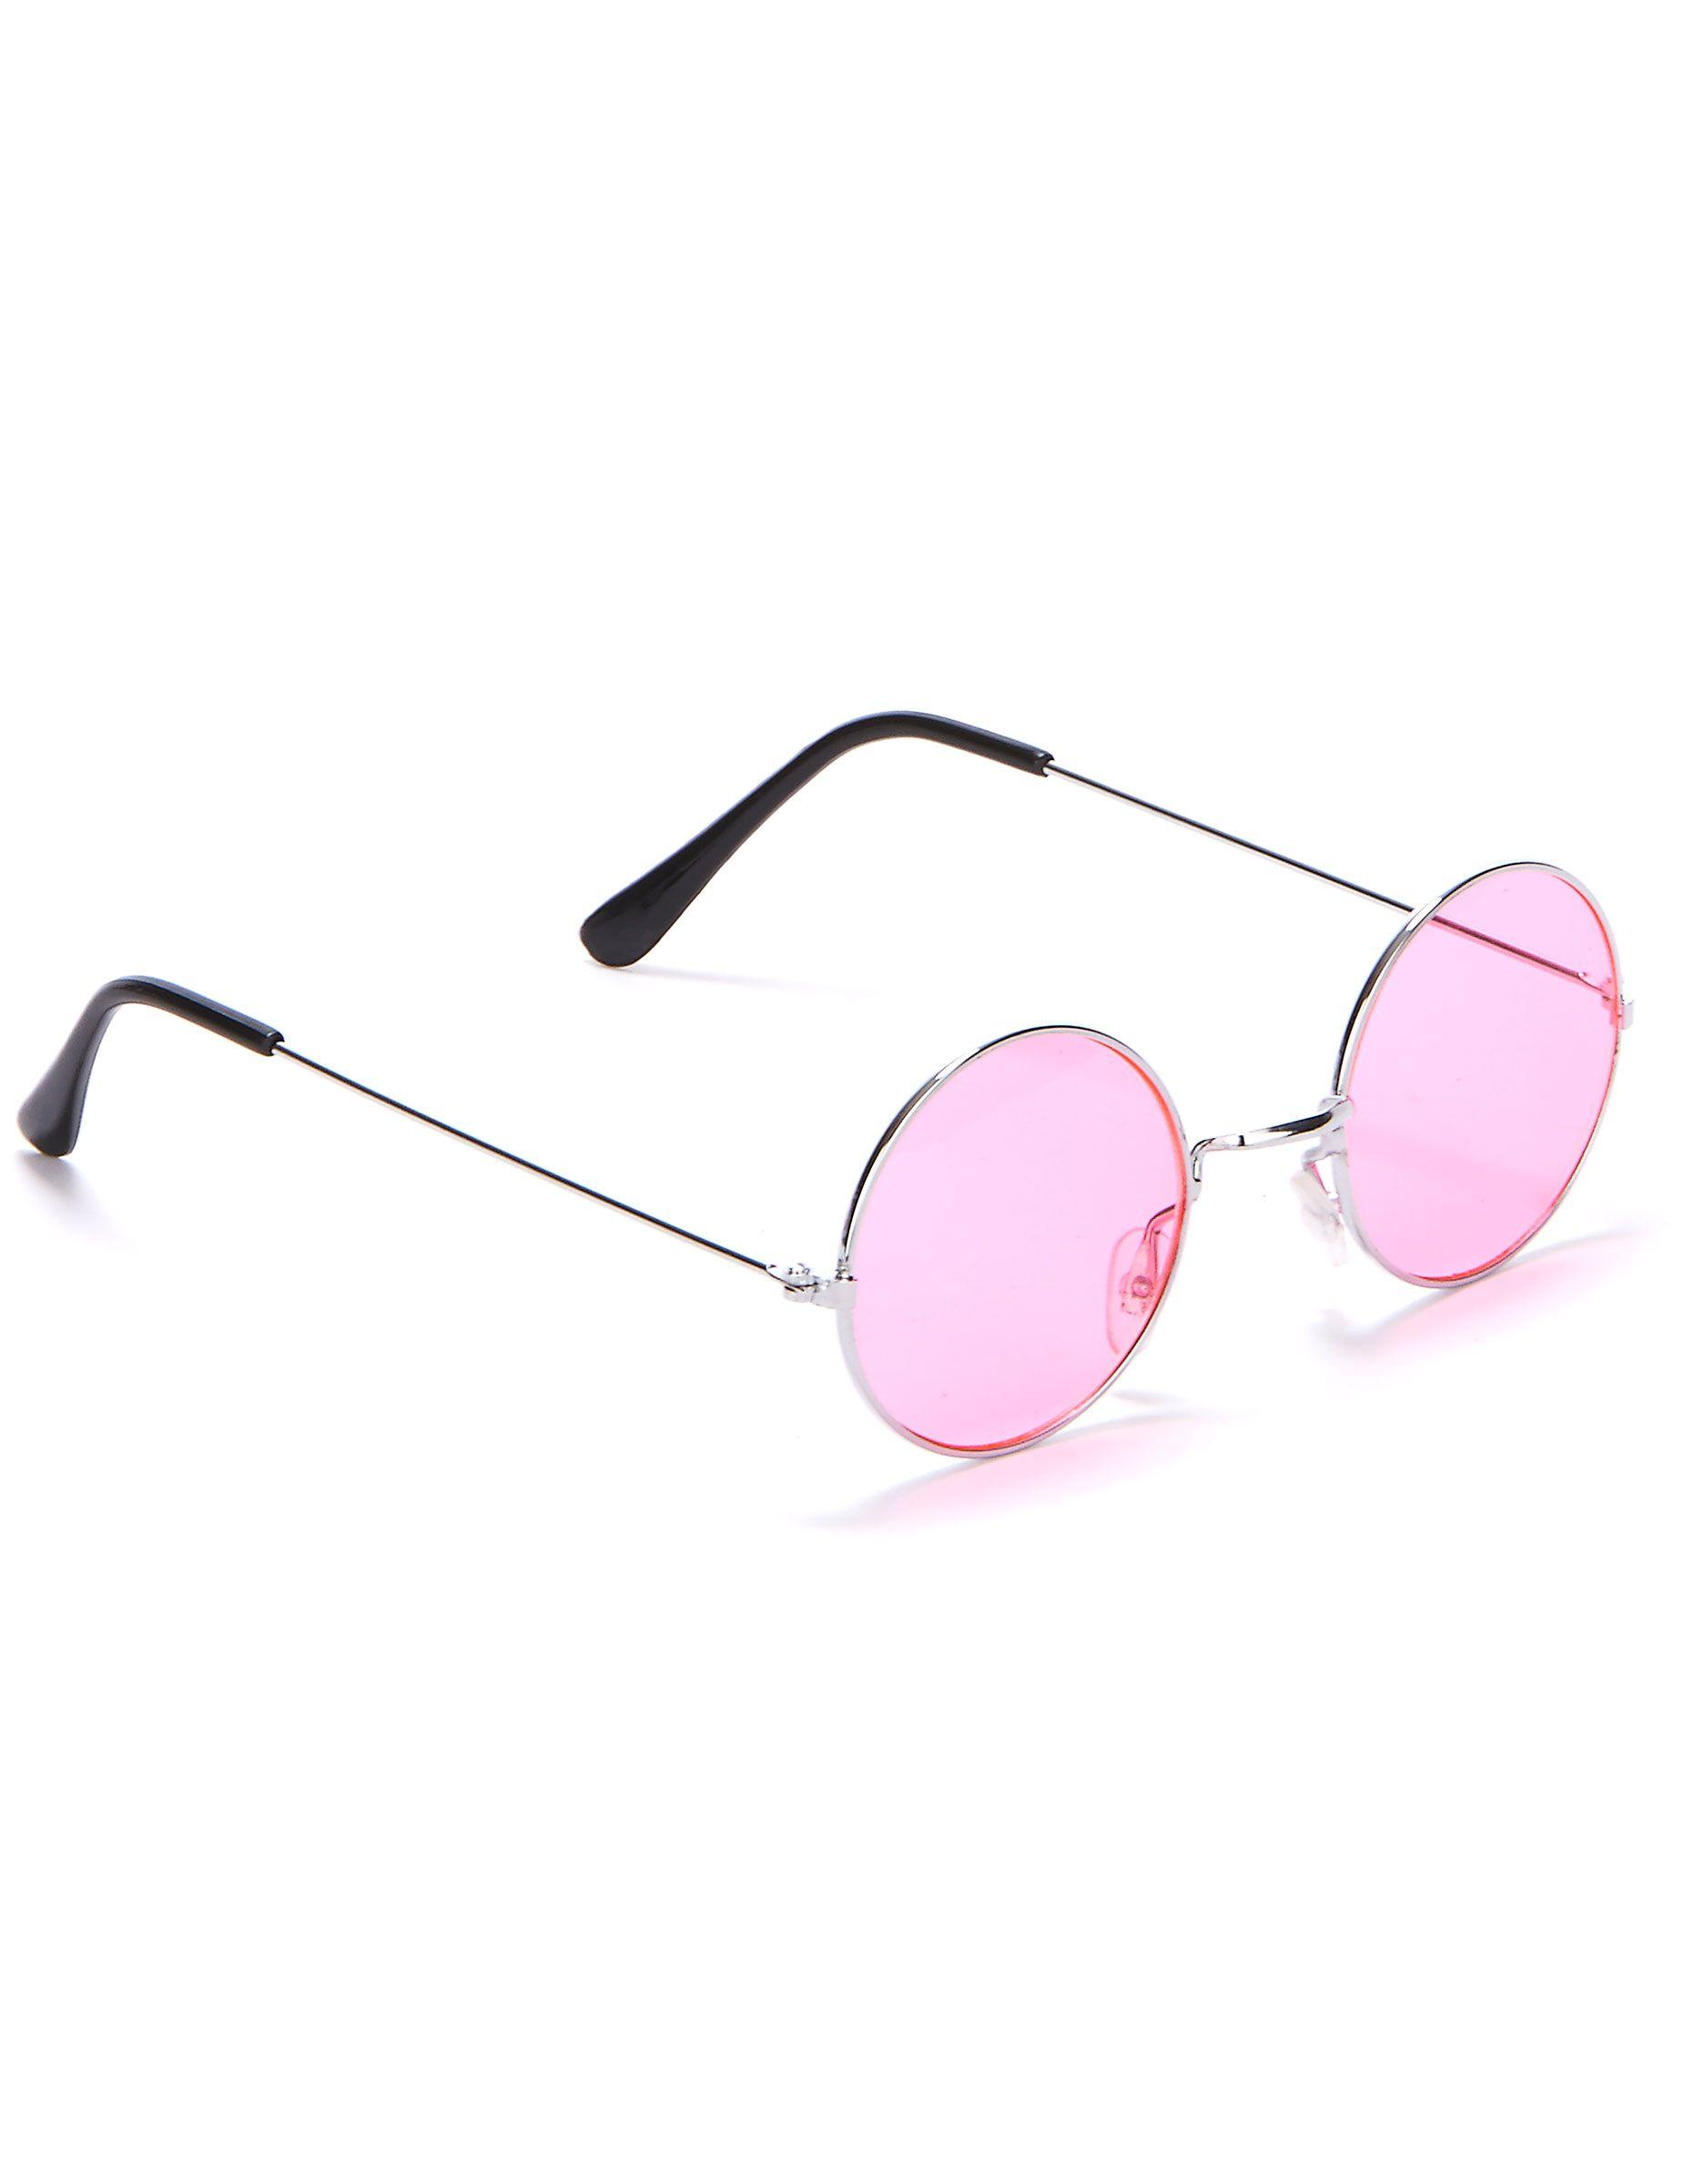 54fecec565 Gafas redondas de hippie para adulto: Estas pequeñas gafas de hippie para  adulto de forma